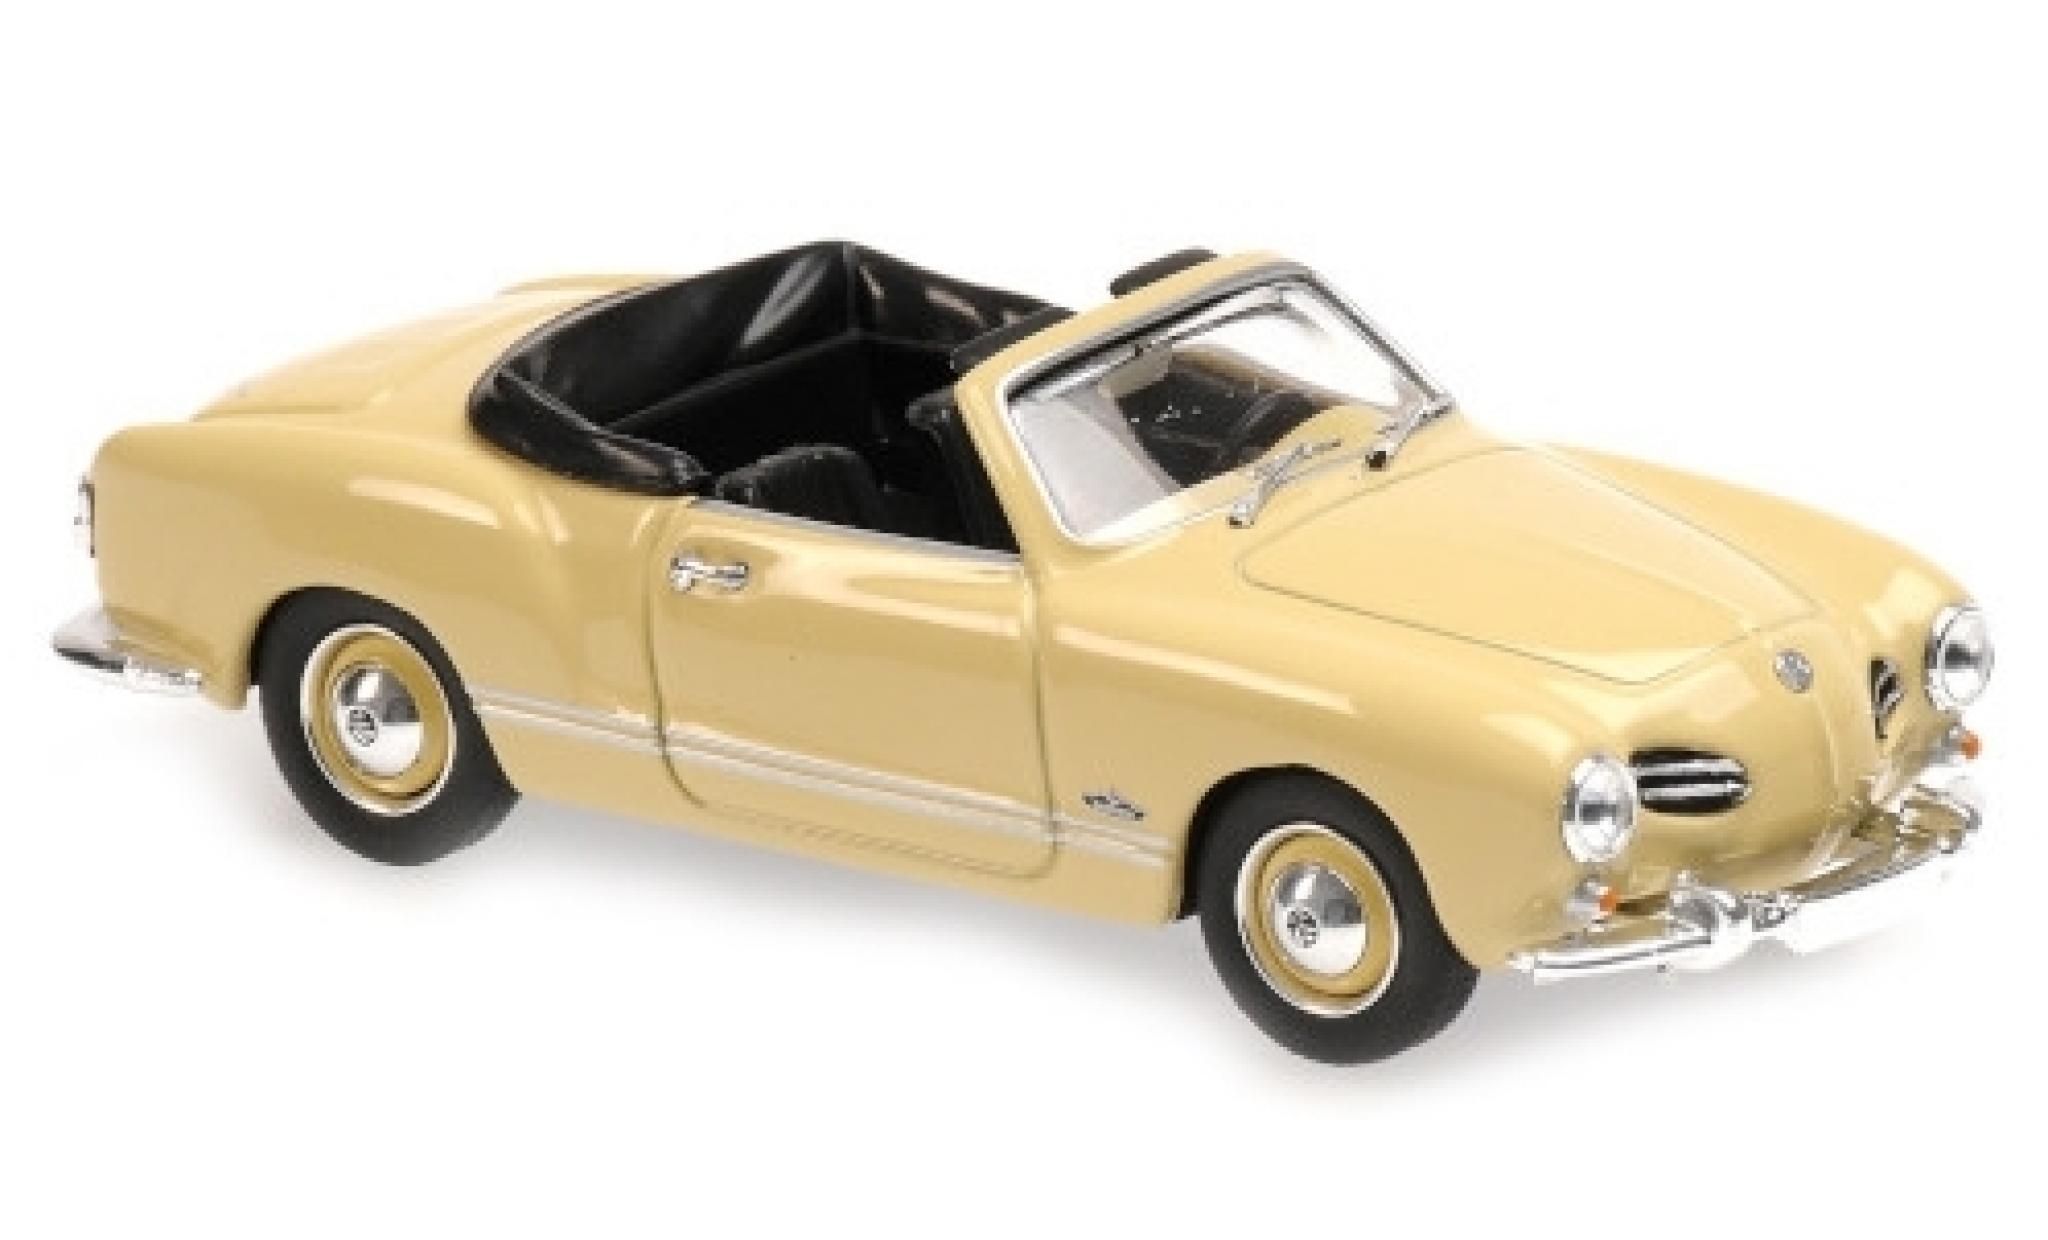 Volkswagen Karmann 1/43 Maxichamps Ghia Cabriolet (Typ 14) beige 1955